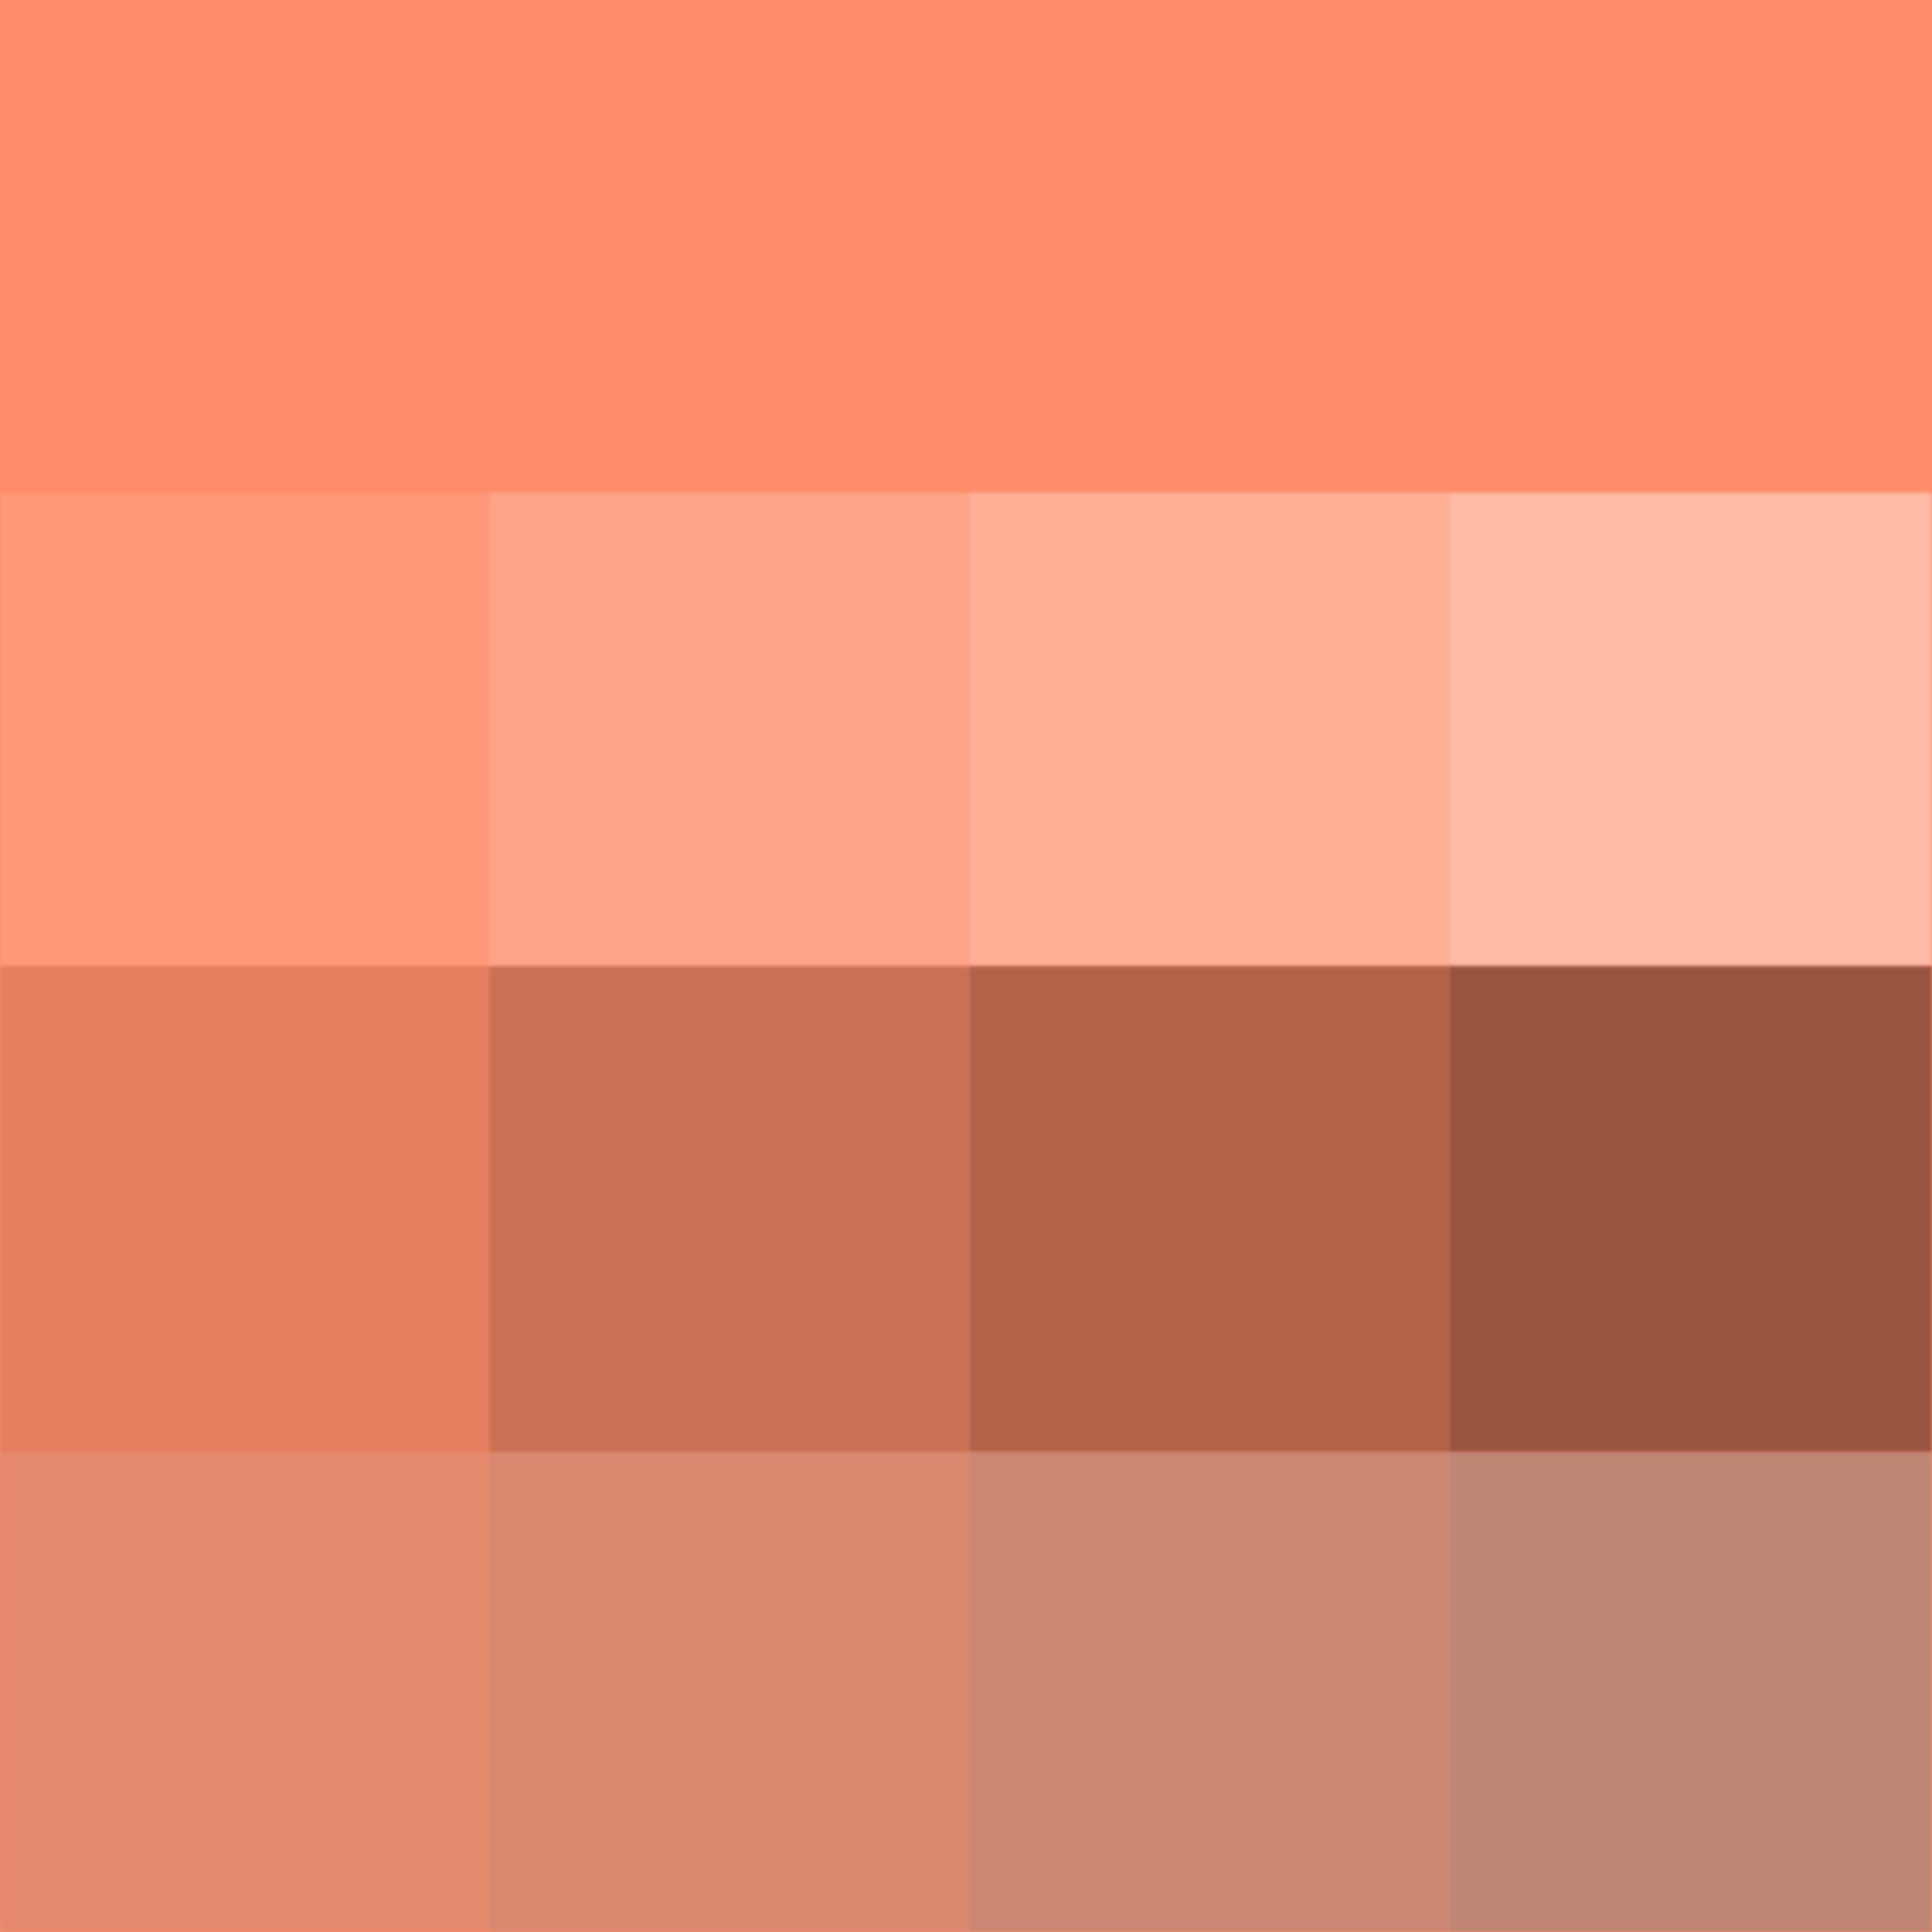 #Salmon Hue, Tints, Shades & Tones (Hue) ( Pure …